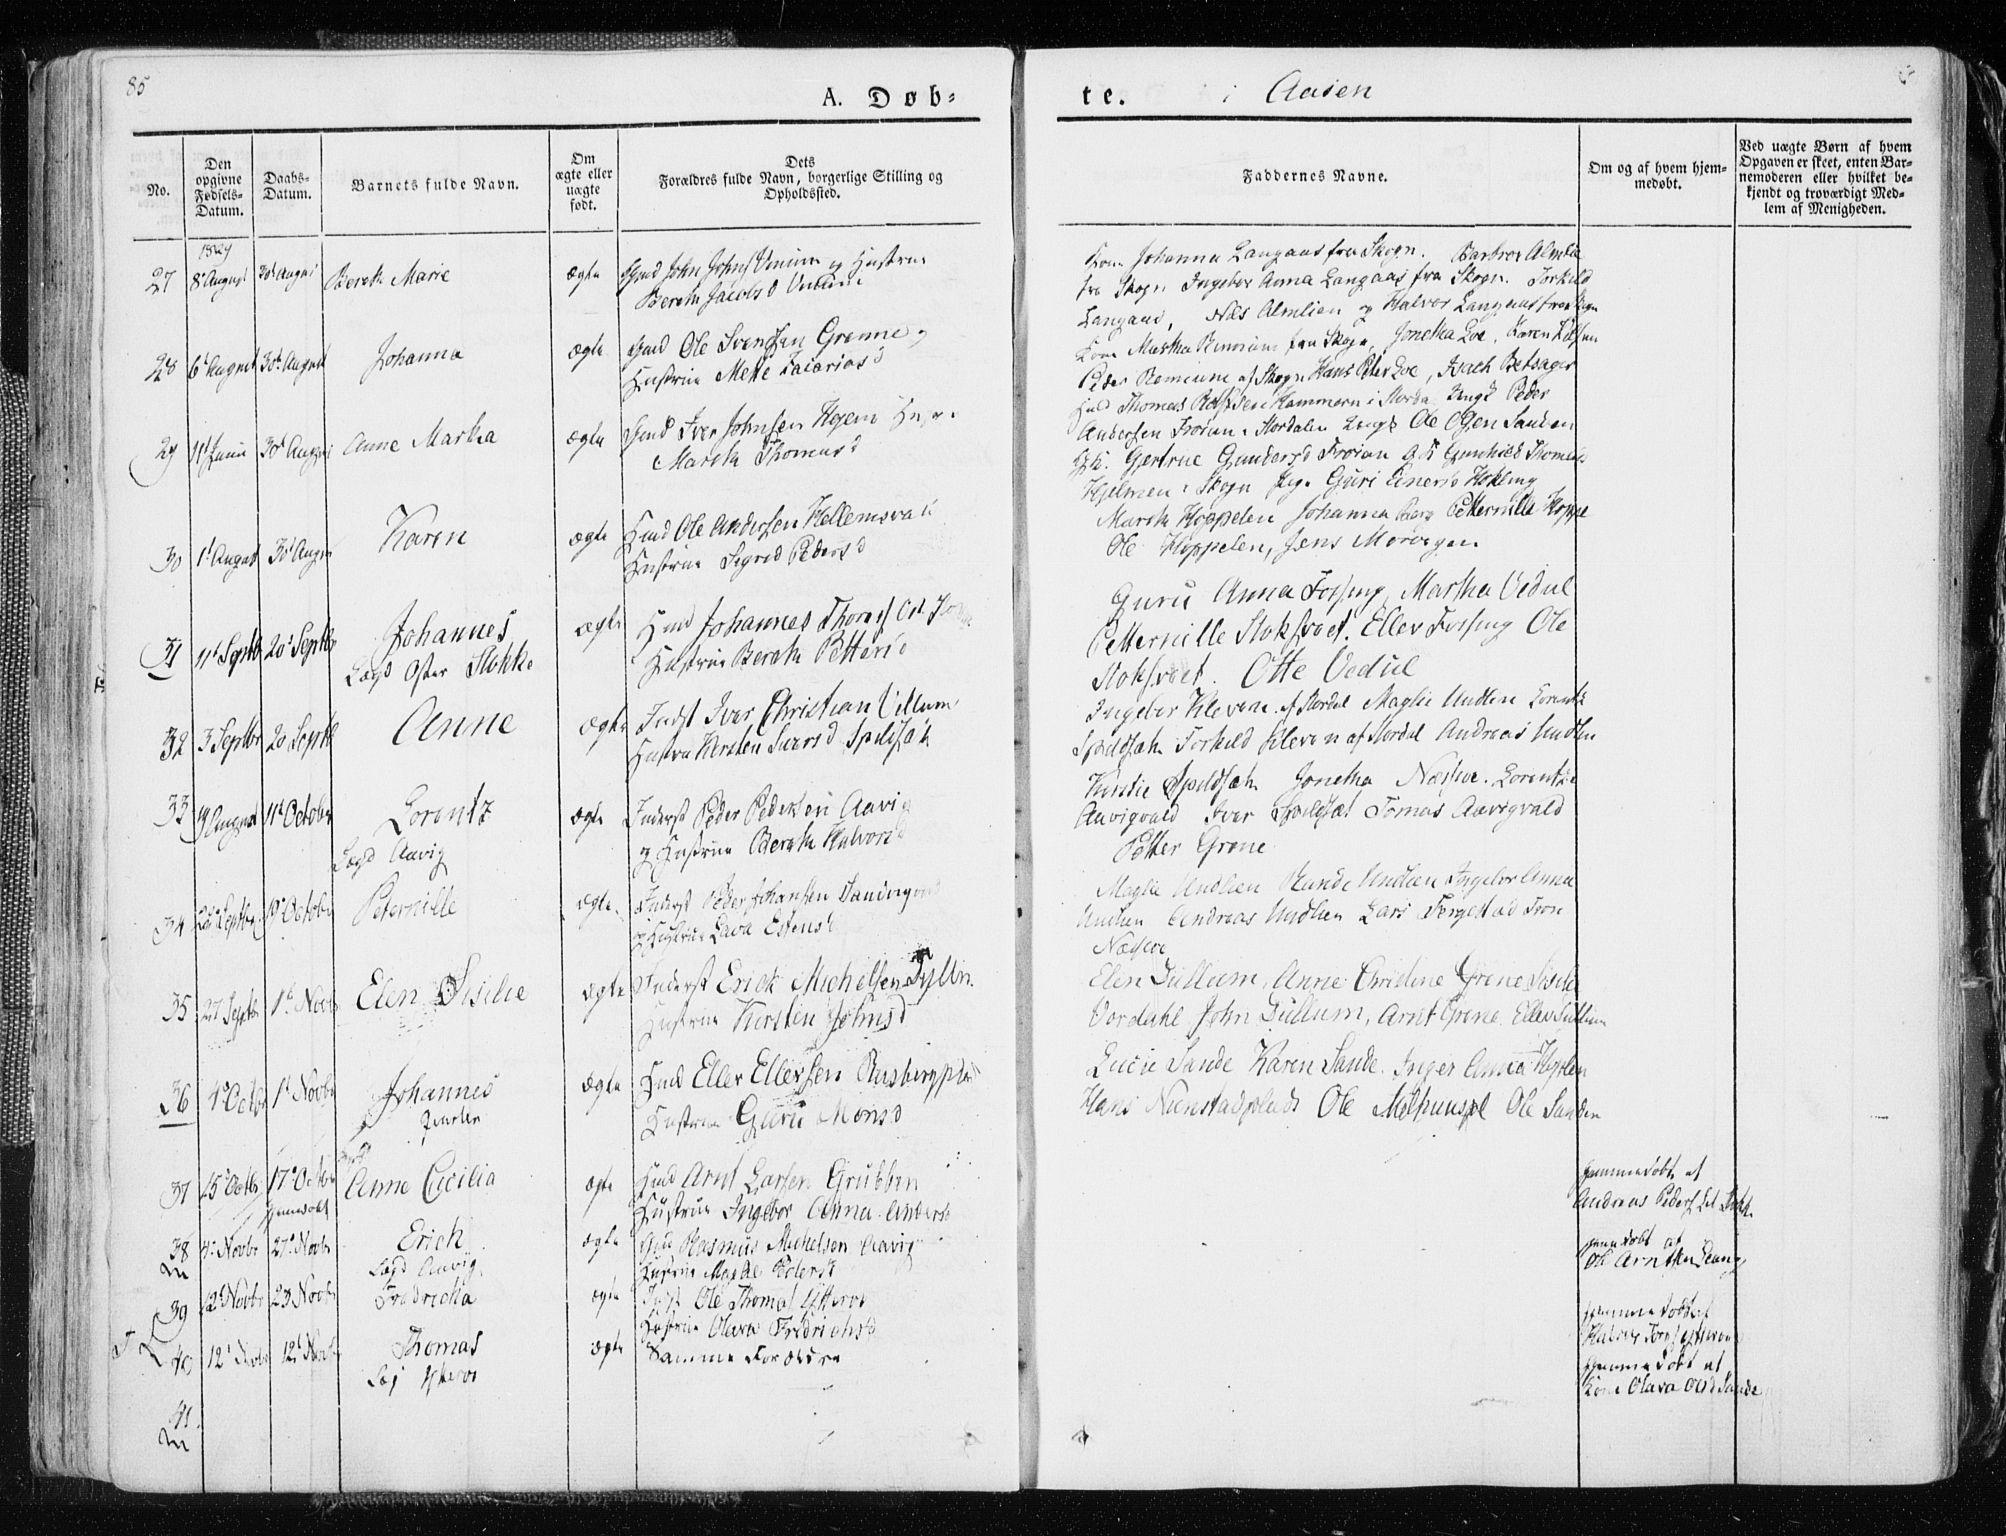 SAT, Ministerialprotokoller, klokkerbøker og fødselsregistre - Nord-Trøndelag, 713/L0114: Ministerialbok nr. 713A05, 1827-1839, s. 85